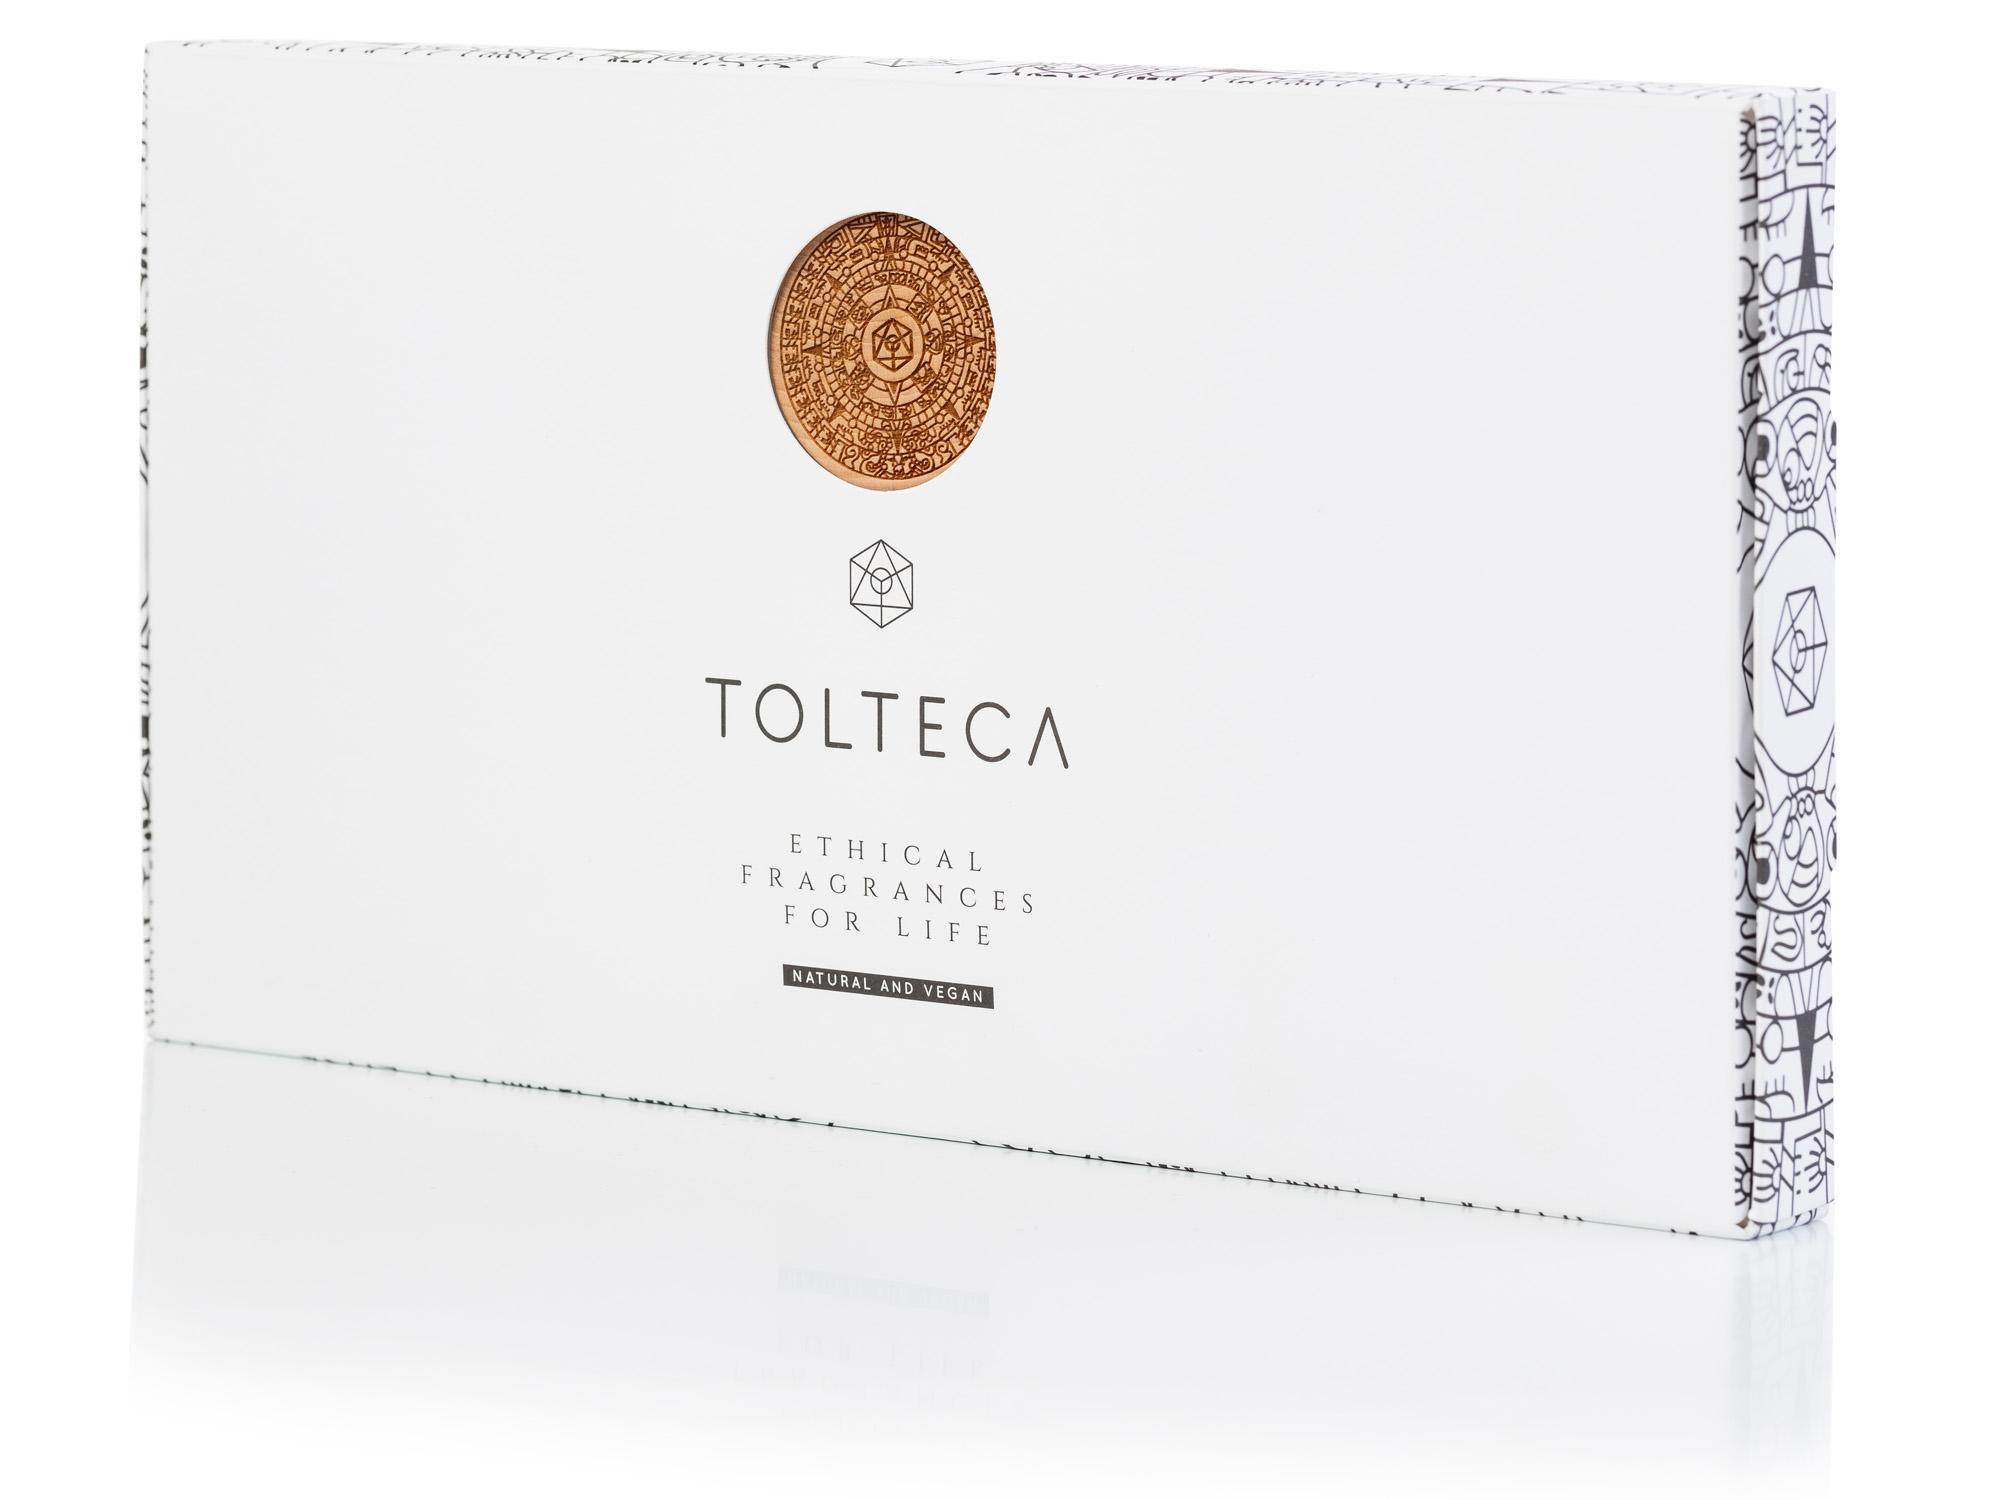 SLI_008_TOLTECA_web